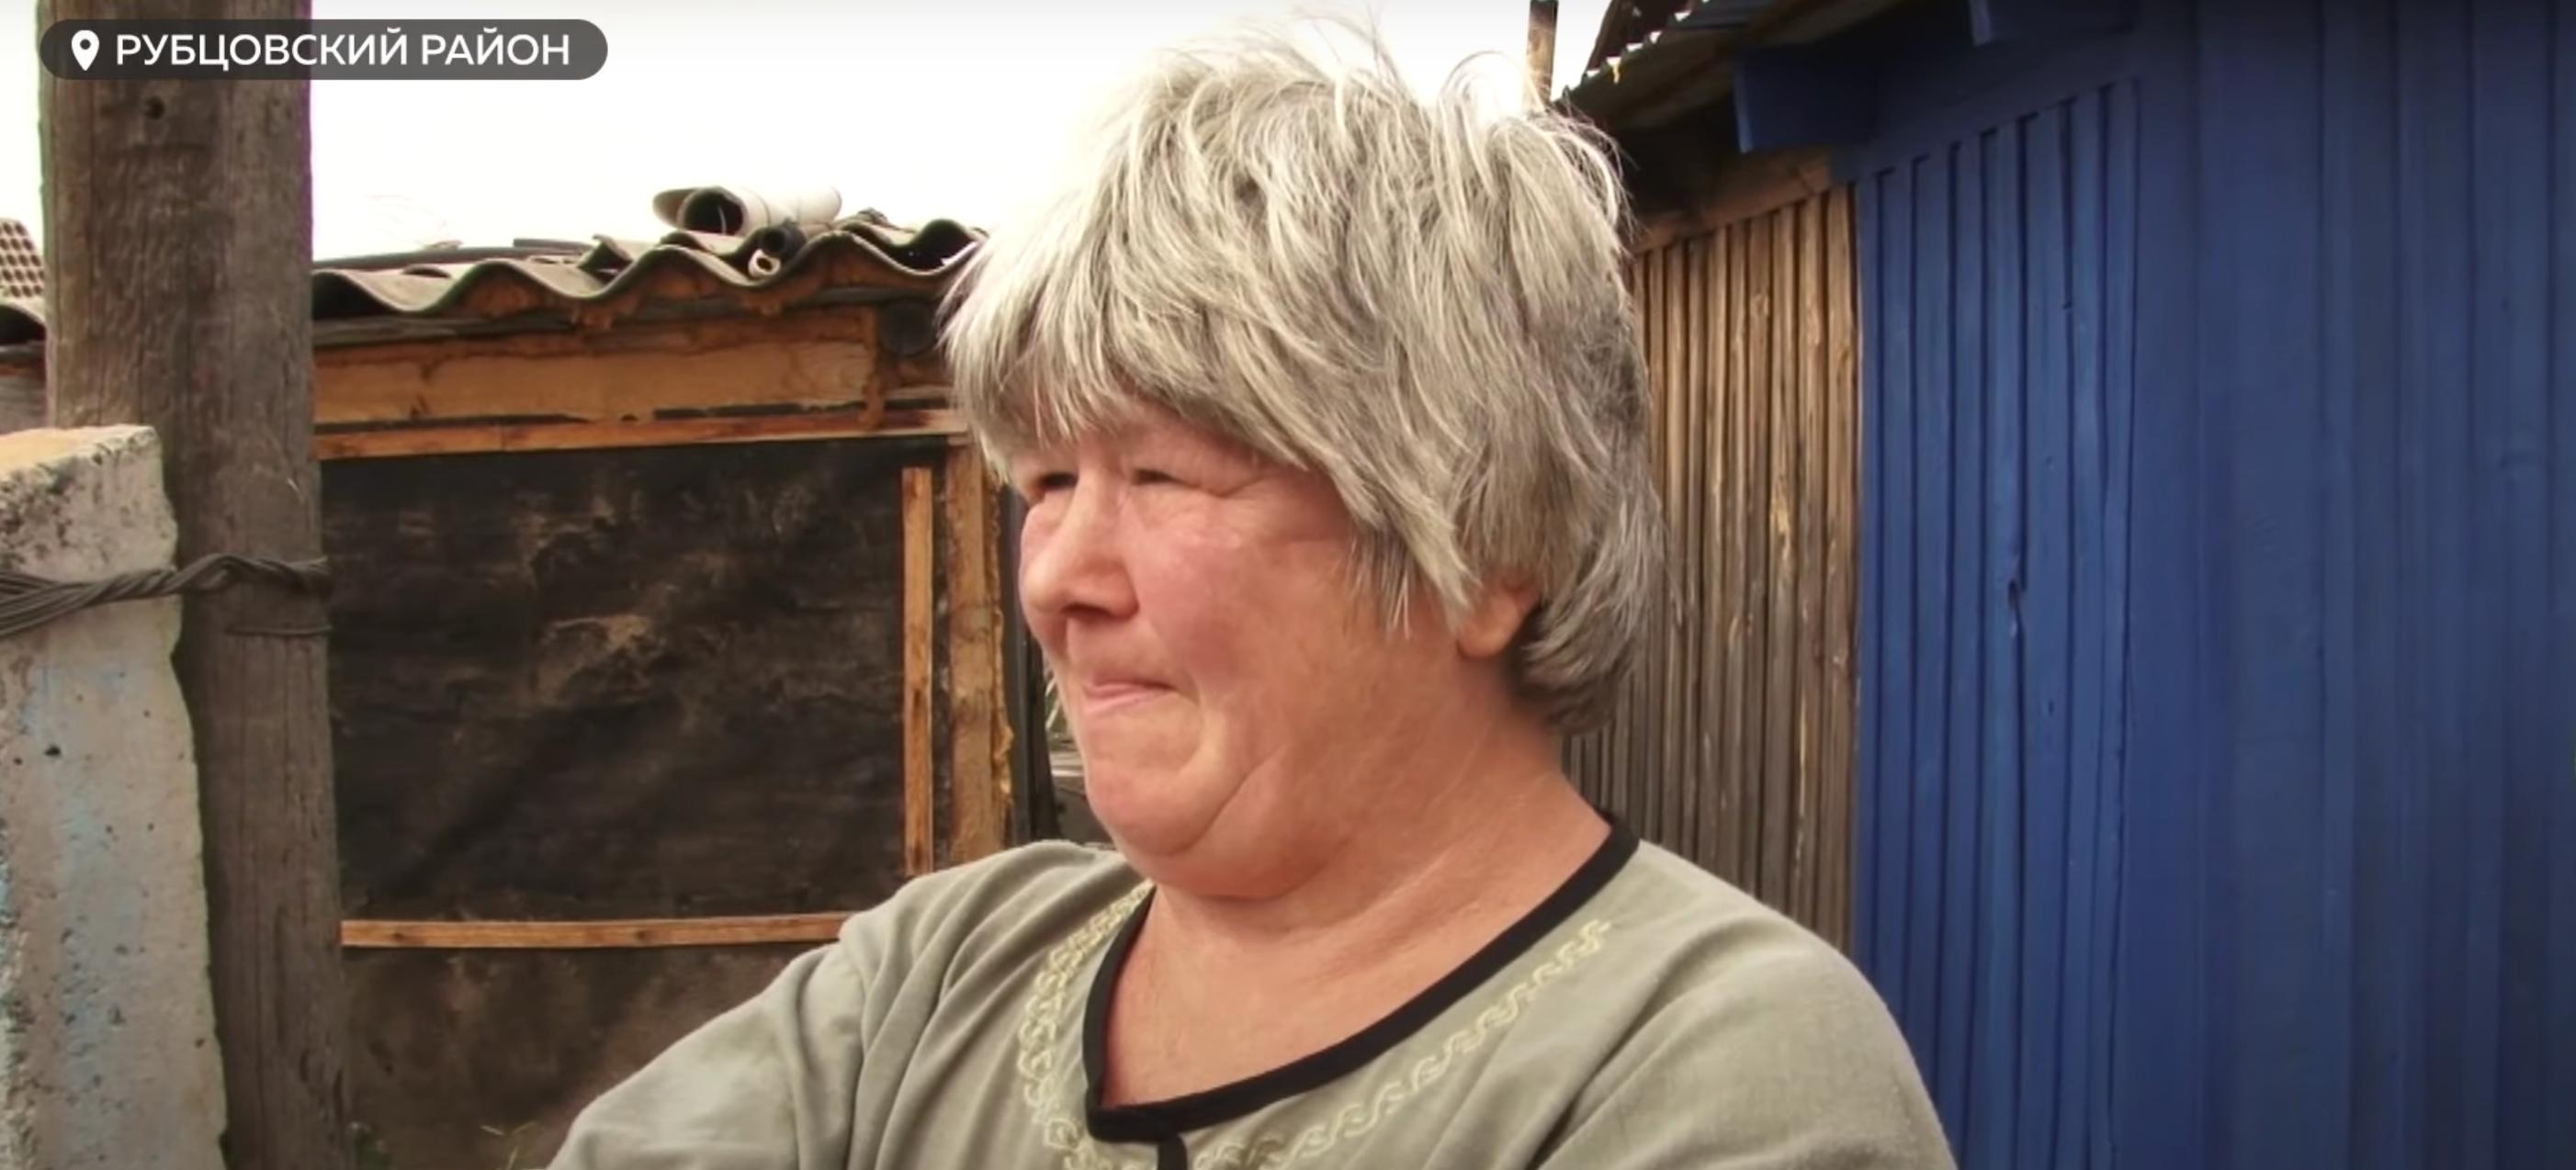 На Алтае осудили женщину, которая убивала собак и делала из них шашлык